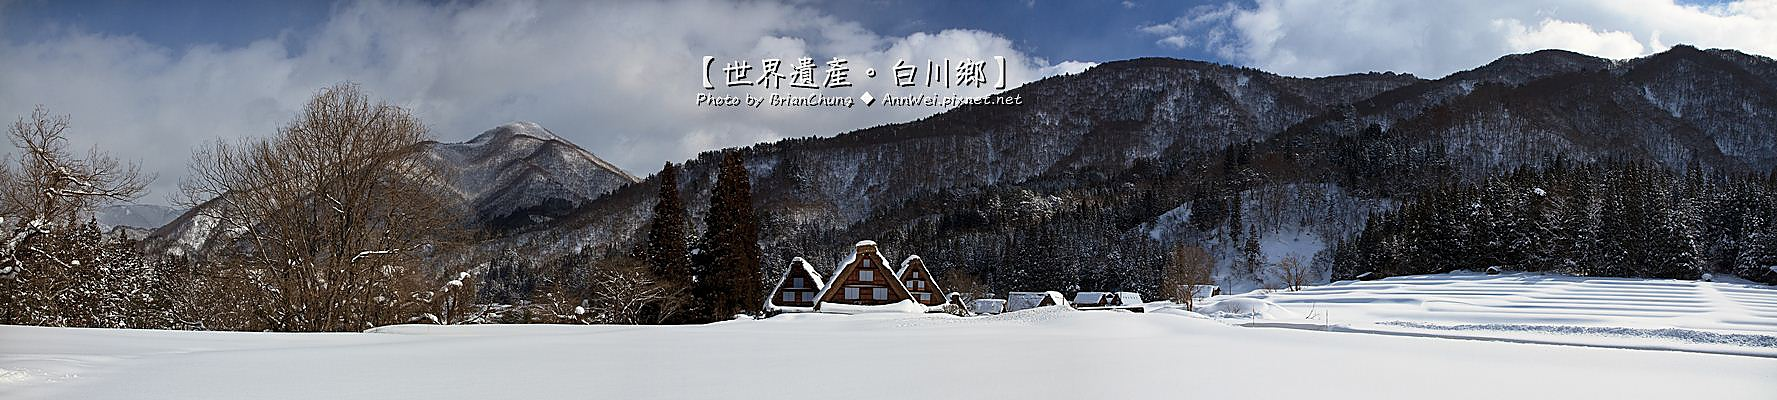 生活資料館 Panorama